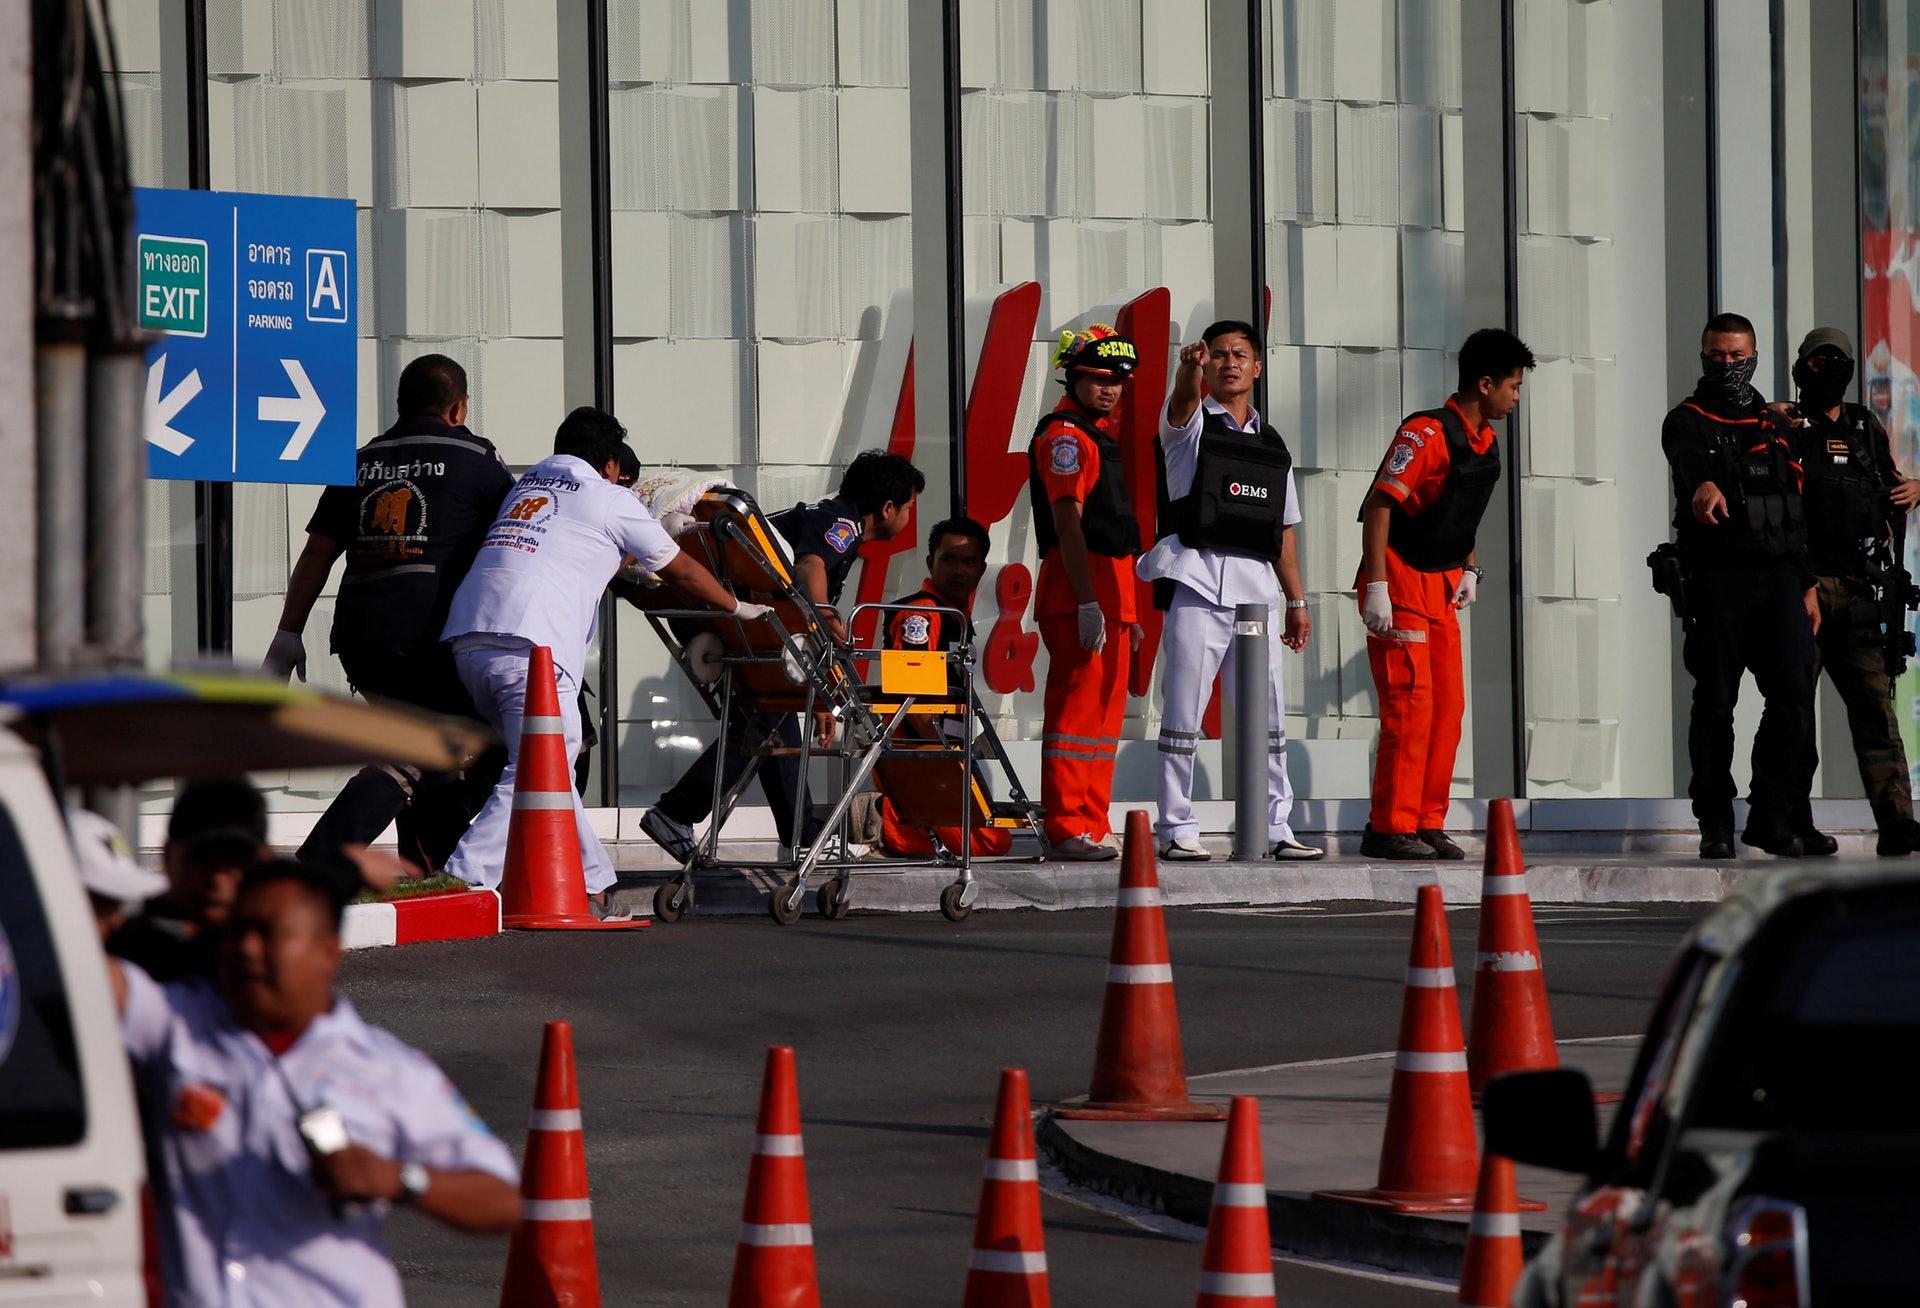 对峙十多小时后 泰国枪手商场内被警方击毙(图)